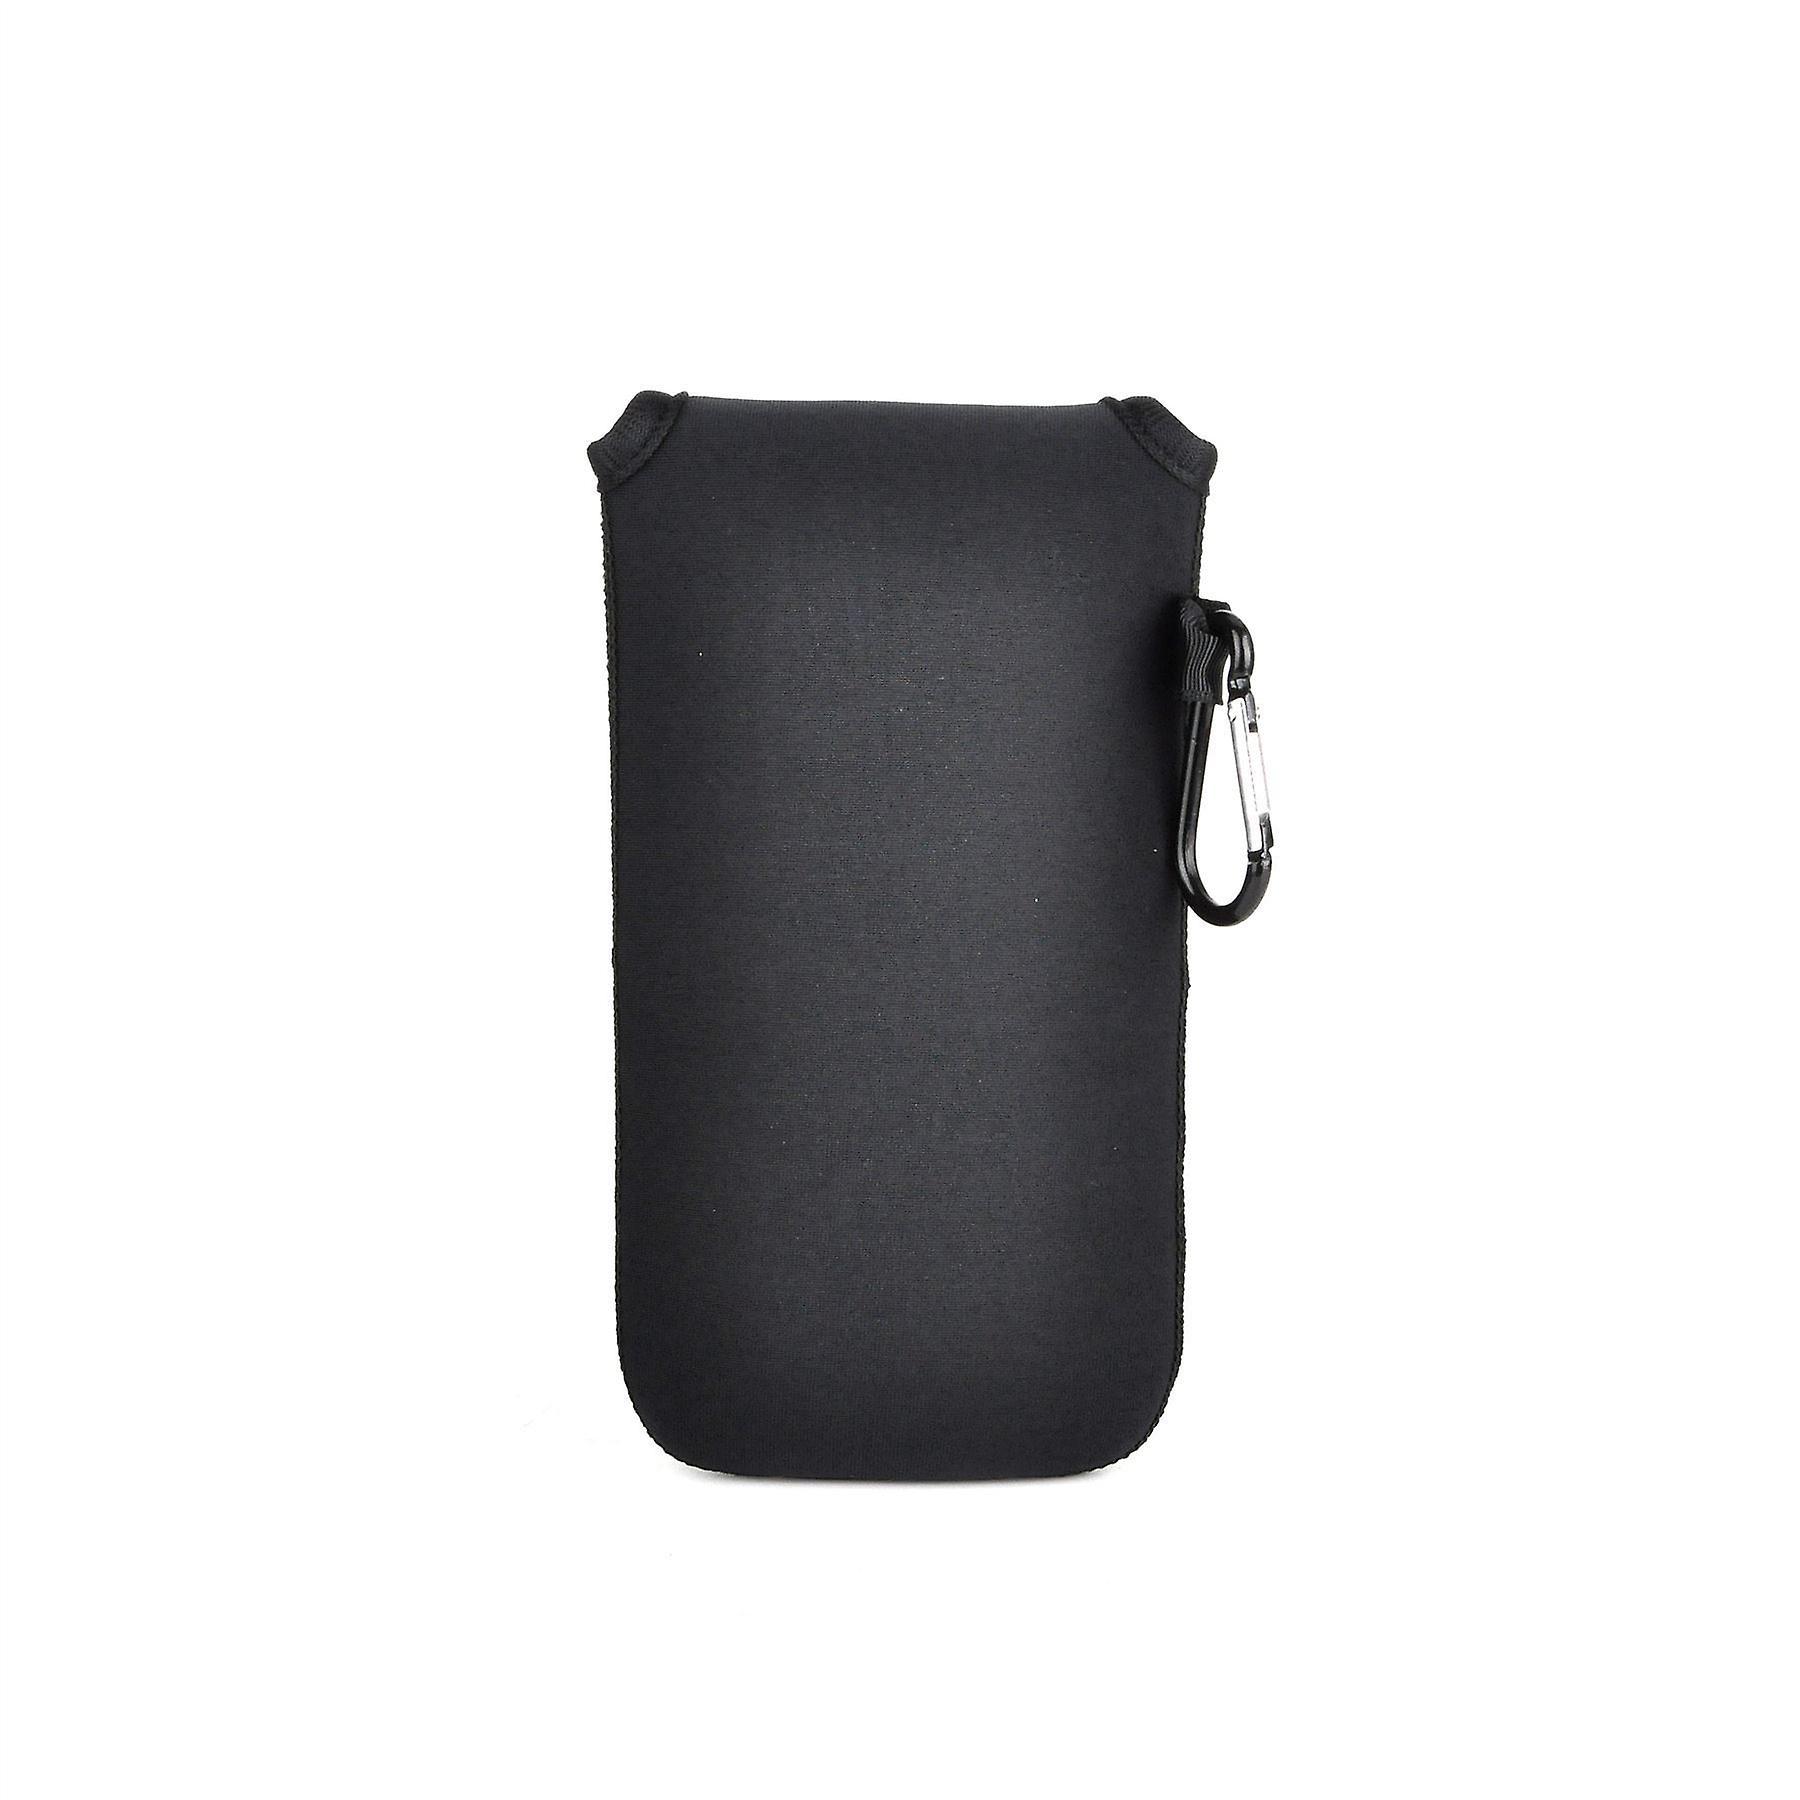 حقيبة تغطية القضية الحقيبة واقية مقاومة لتأثير النيوبرين إينفينتكاسي مع إغلاق Velcro والألمنيوم Carabiner على سامسونج جالاكسى S3-أسود